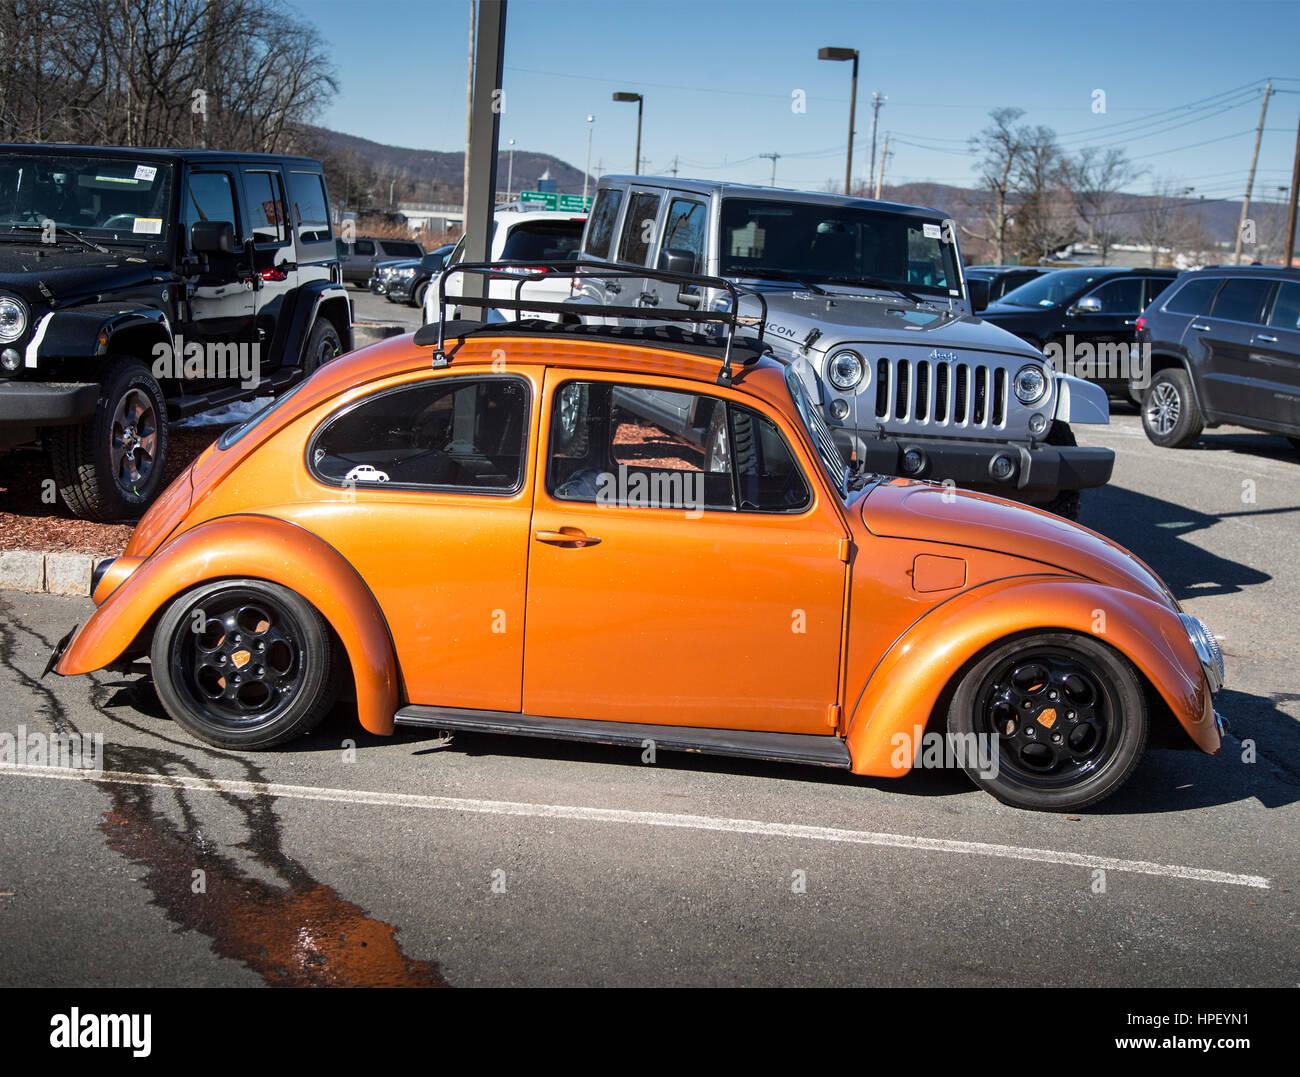 Customized Volkswagen Beetle Fotos E Imagenes De Stock Alamy